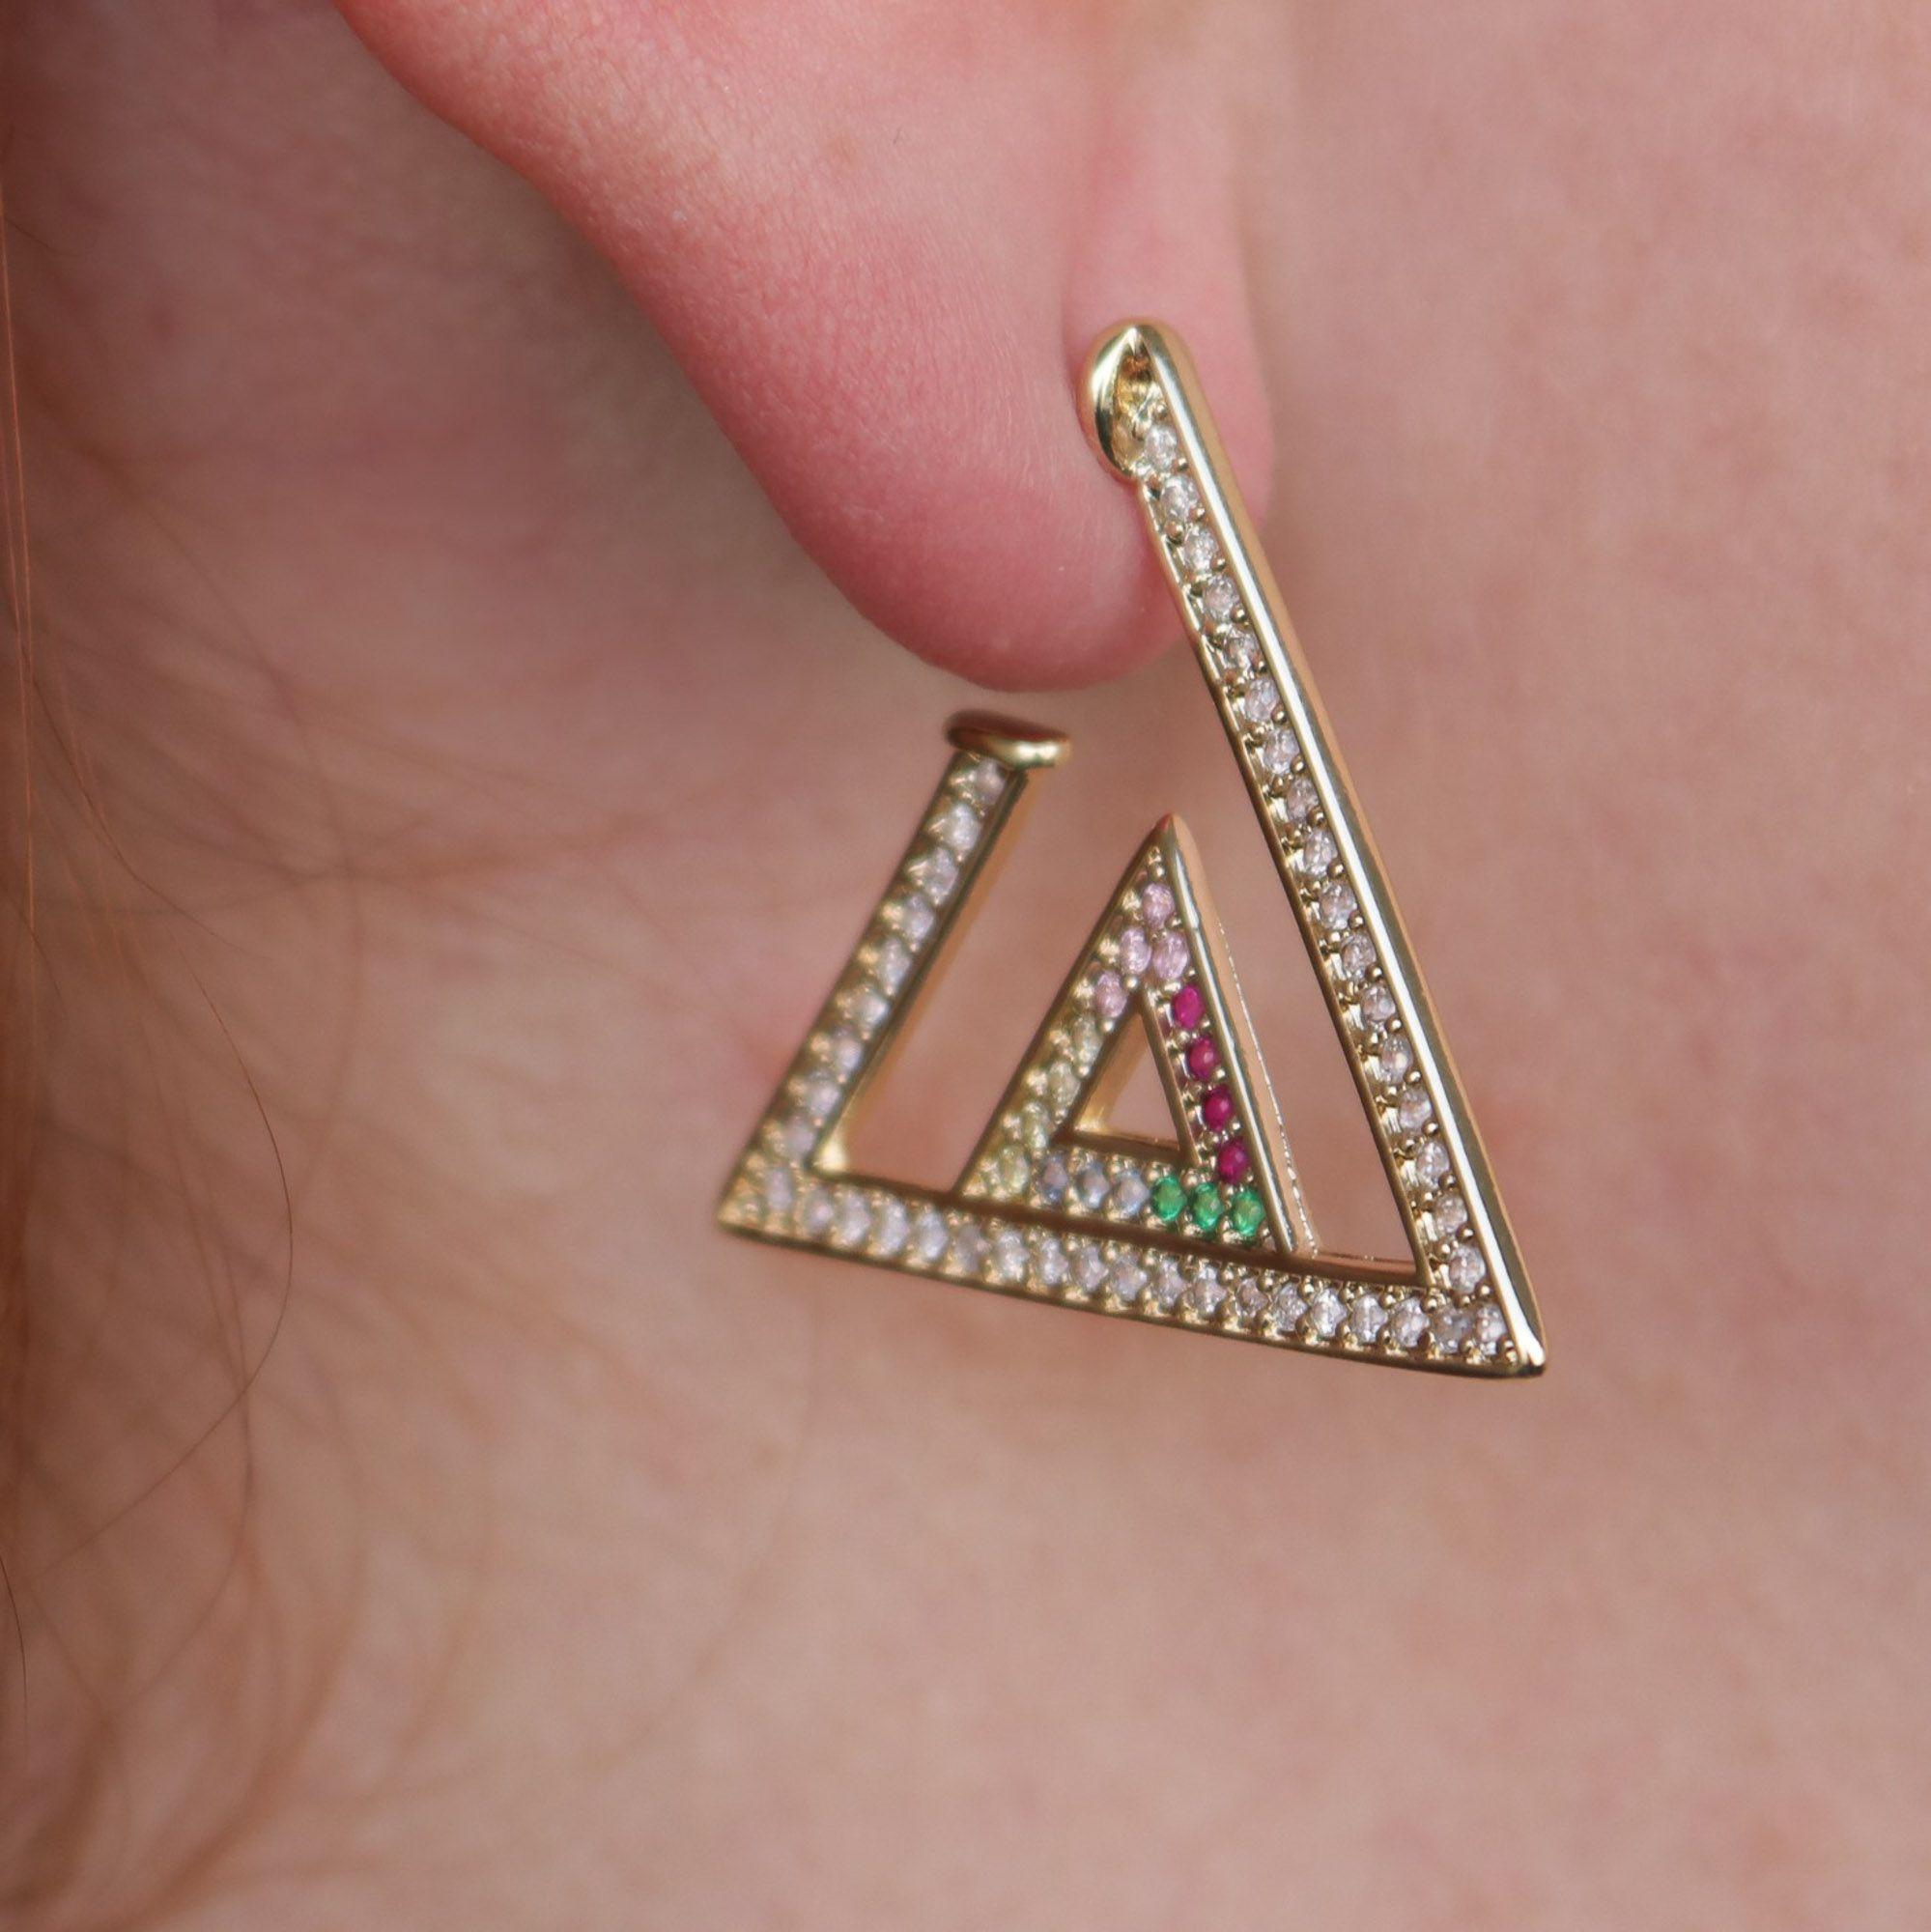 Brinco Semi joia Argola triangulo Mimos banhado a ouro 18k ou rhodium